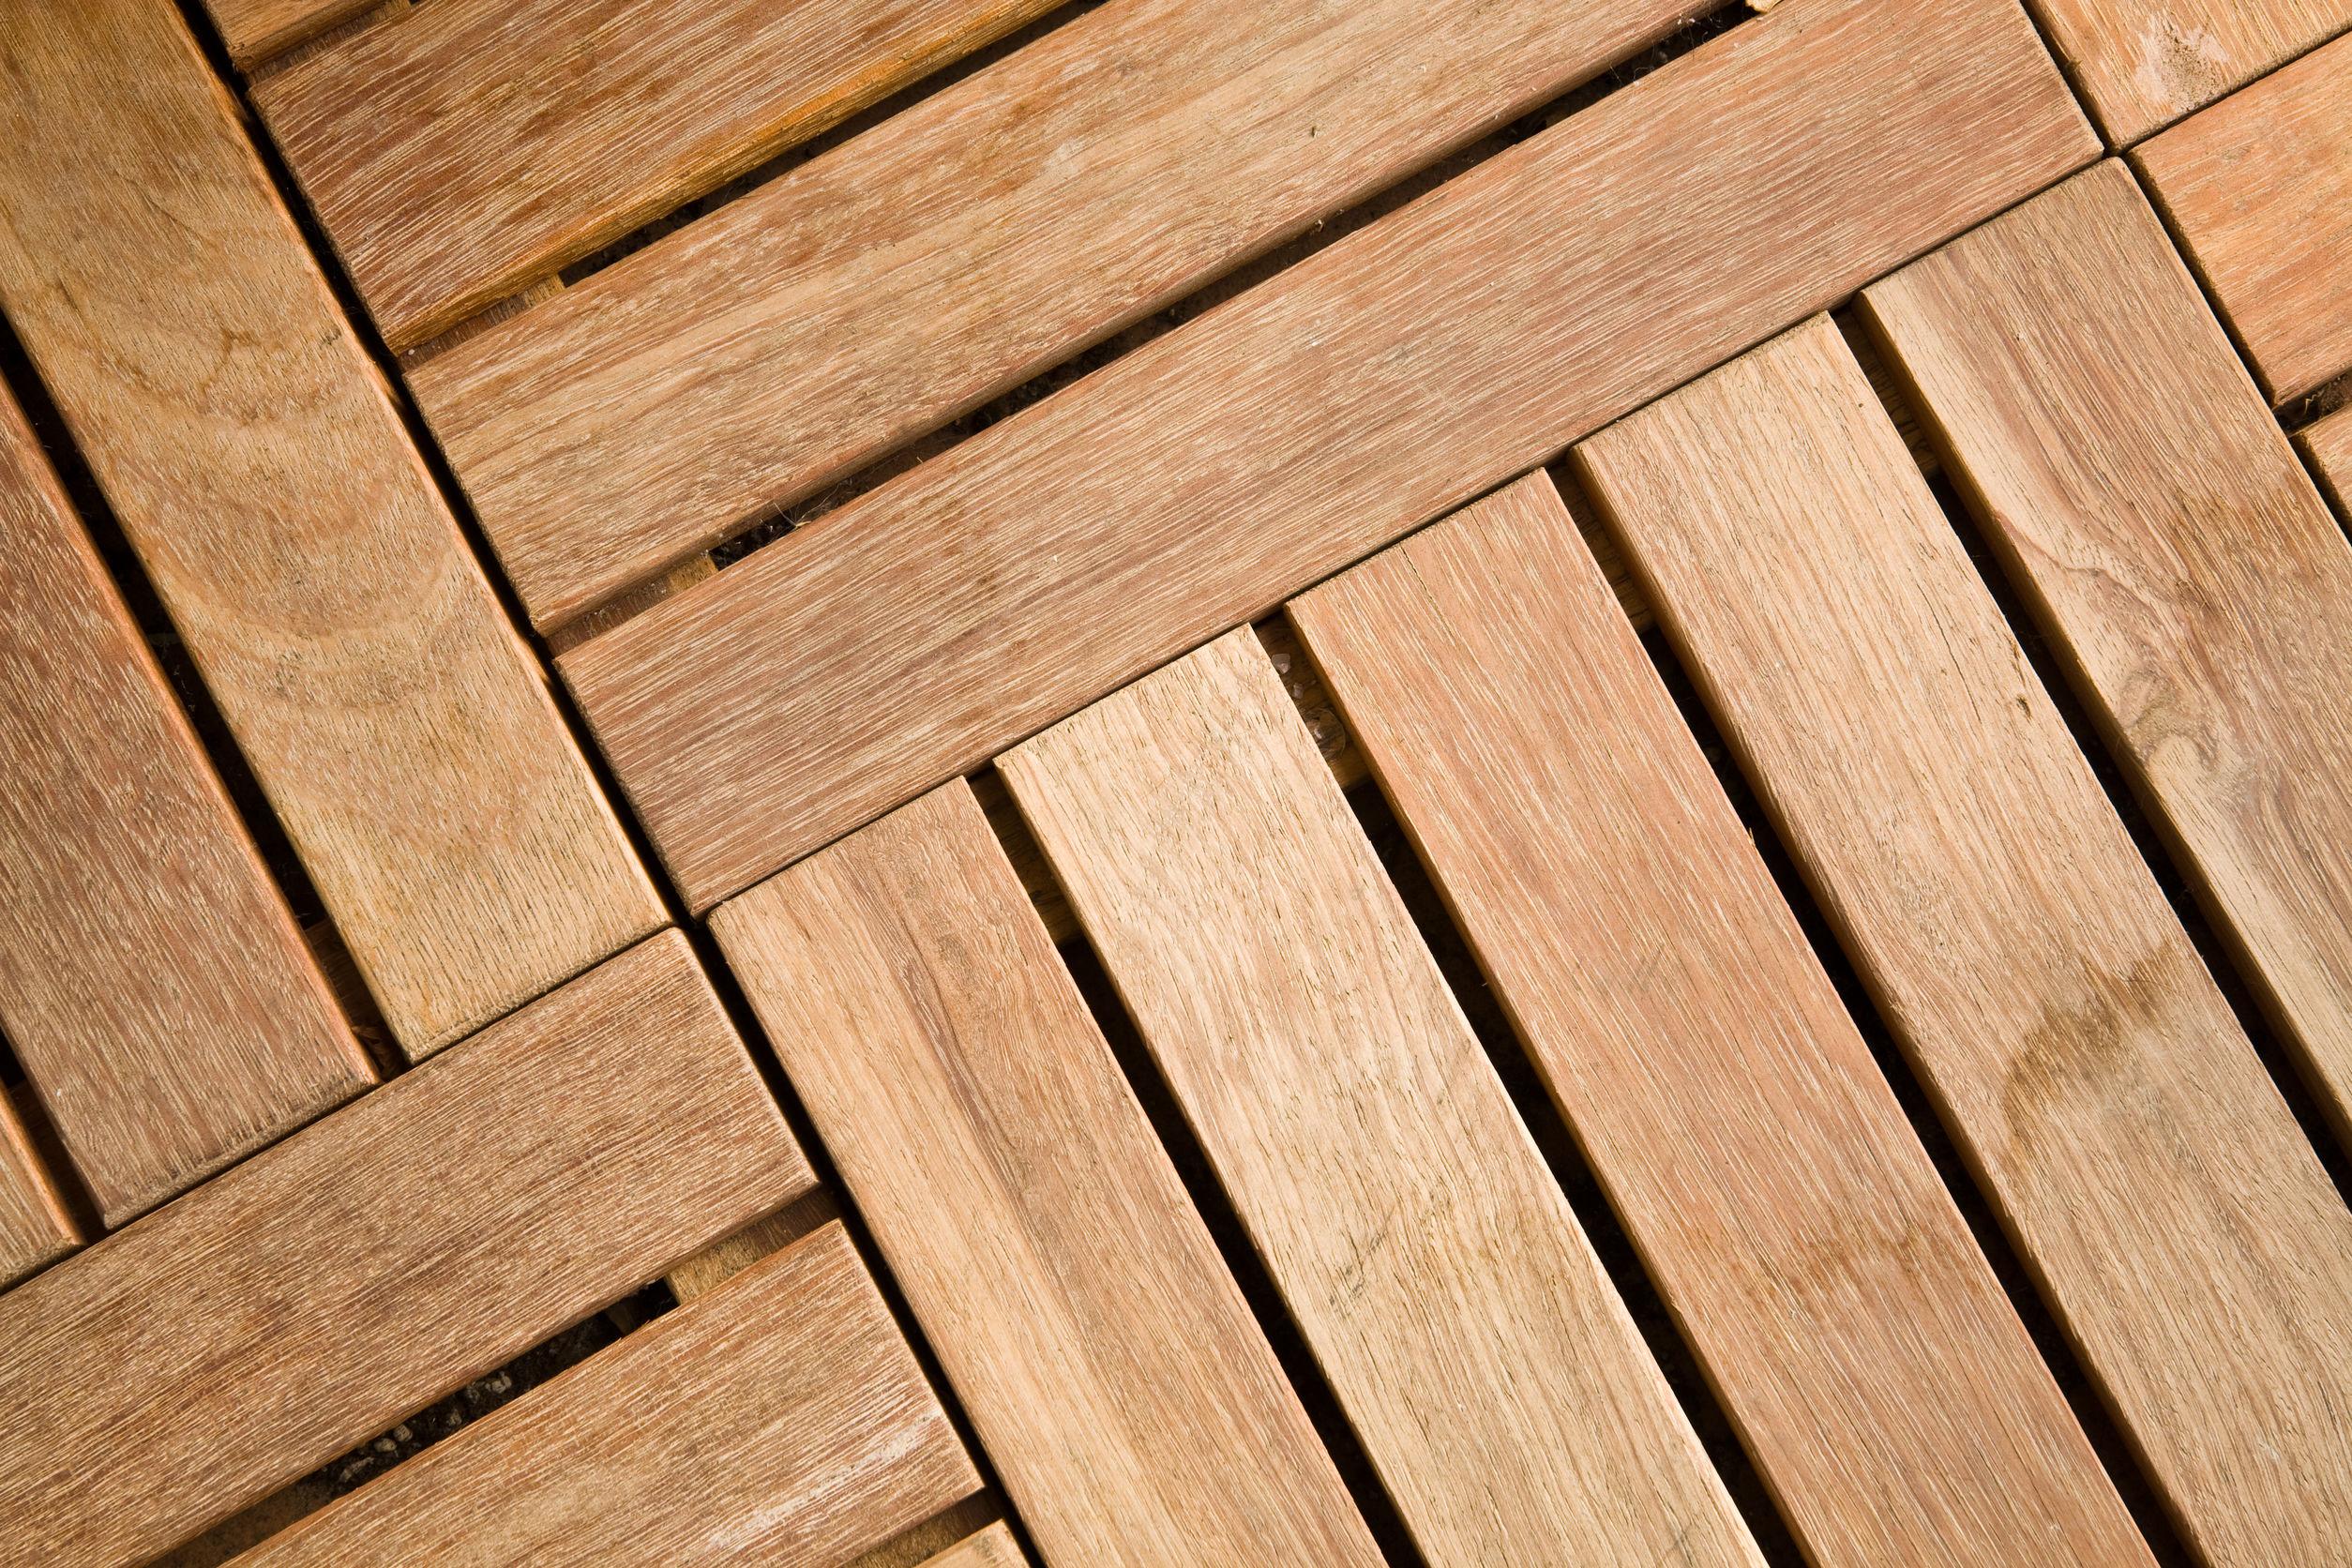 Full Size of Bodenfliesen Bauhaus Fliesen Aus Holz Test Empfehlungen 05 20 Einrichtungsradar Bad Fenster Küche Wohnzimmer Bodenfliesen Bauhaus